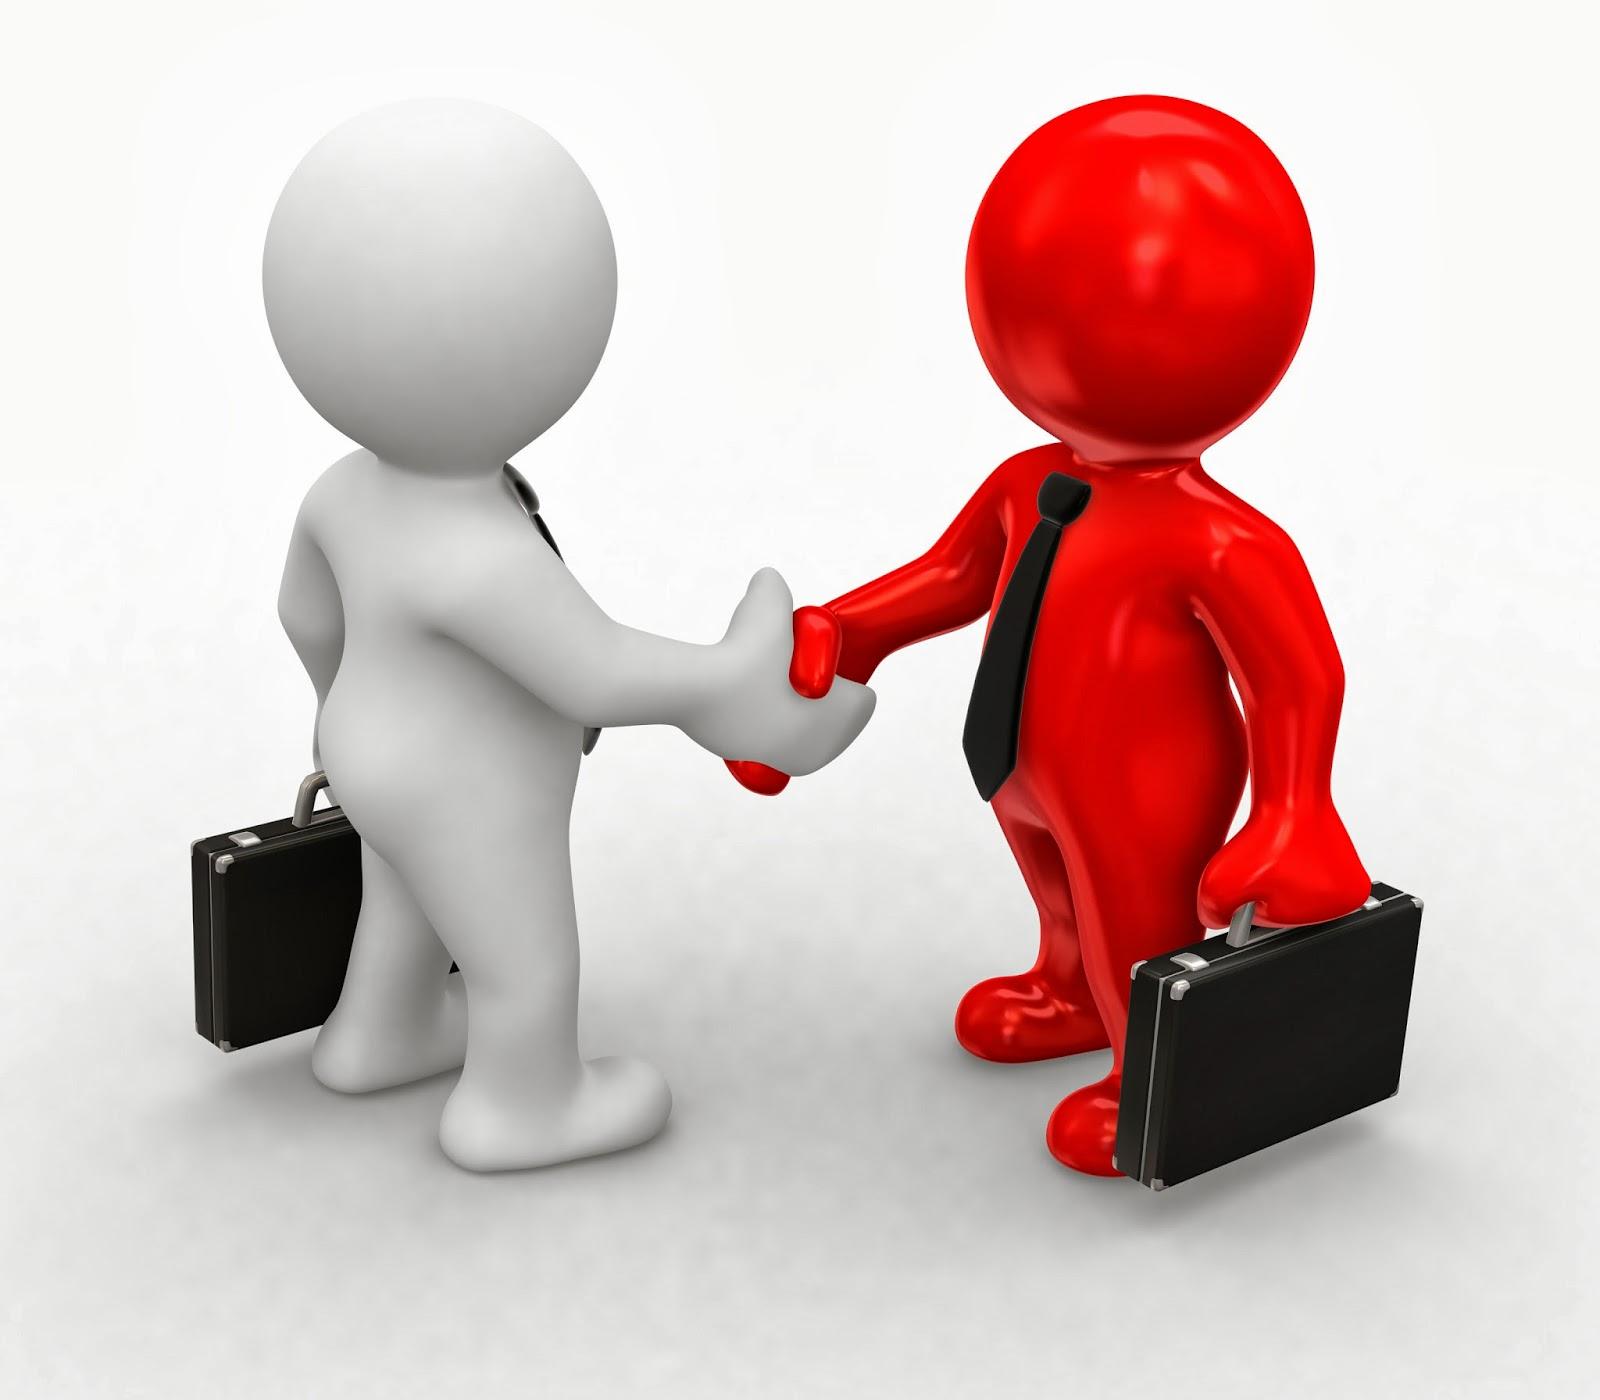 Werknemer houdt zich niet aan opzegtermijn: wat kan zijn werkgever doen? (bron: PW)